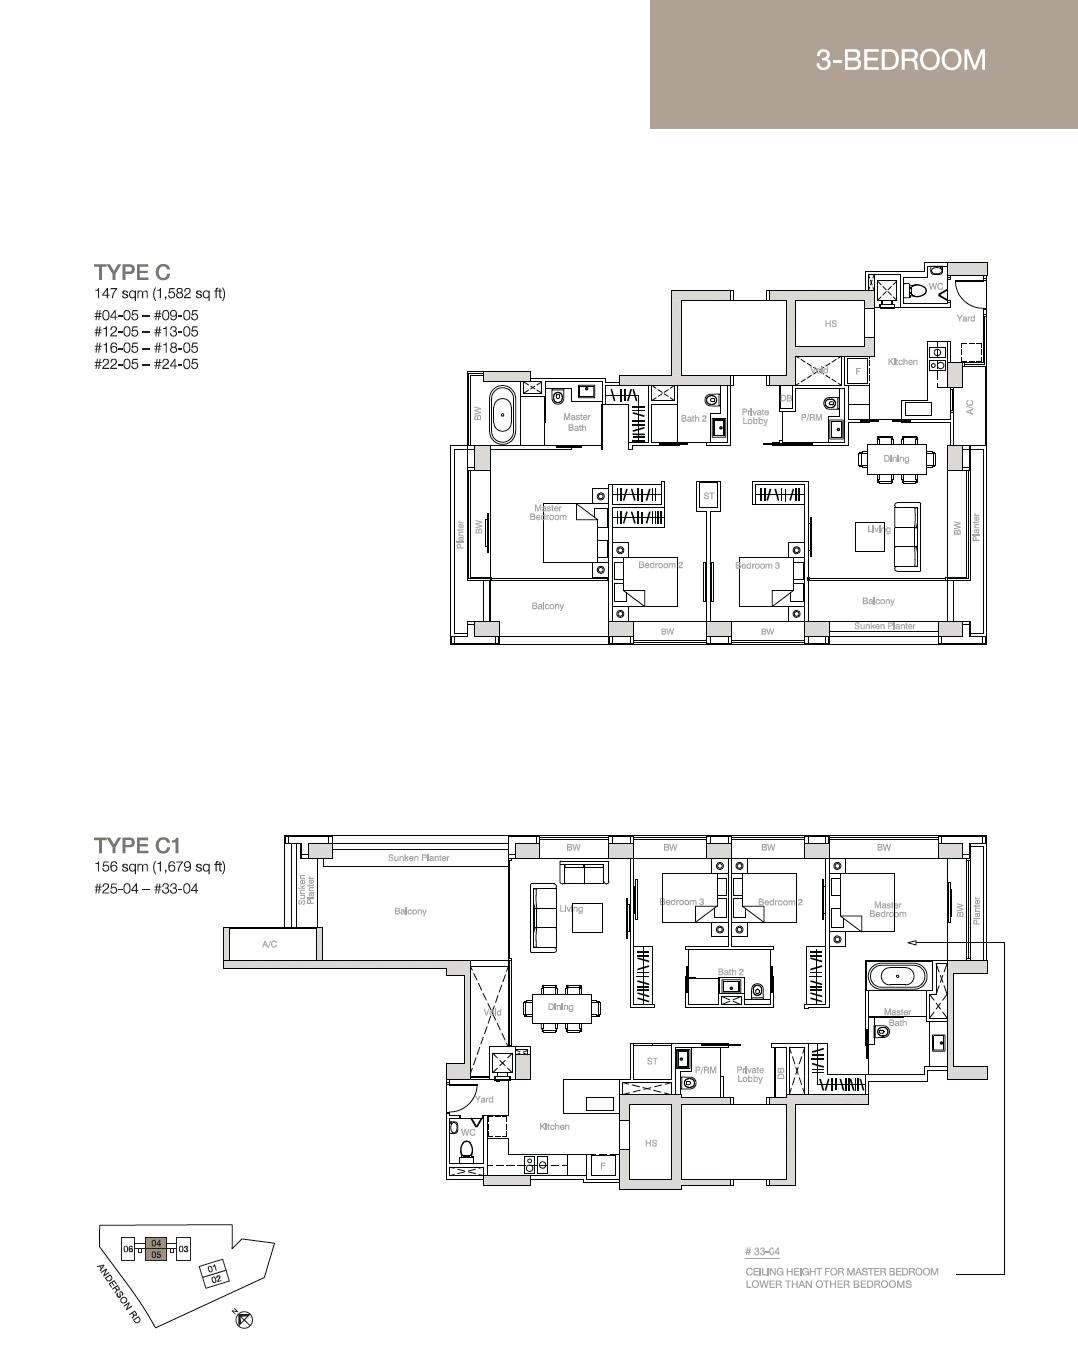 Nouvel-18-floor-plan-3-bedroom